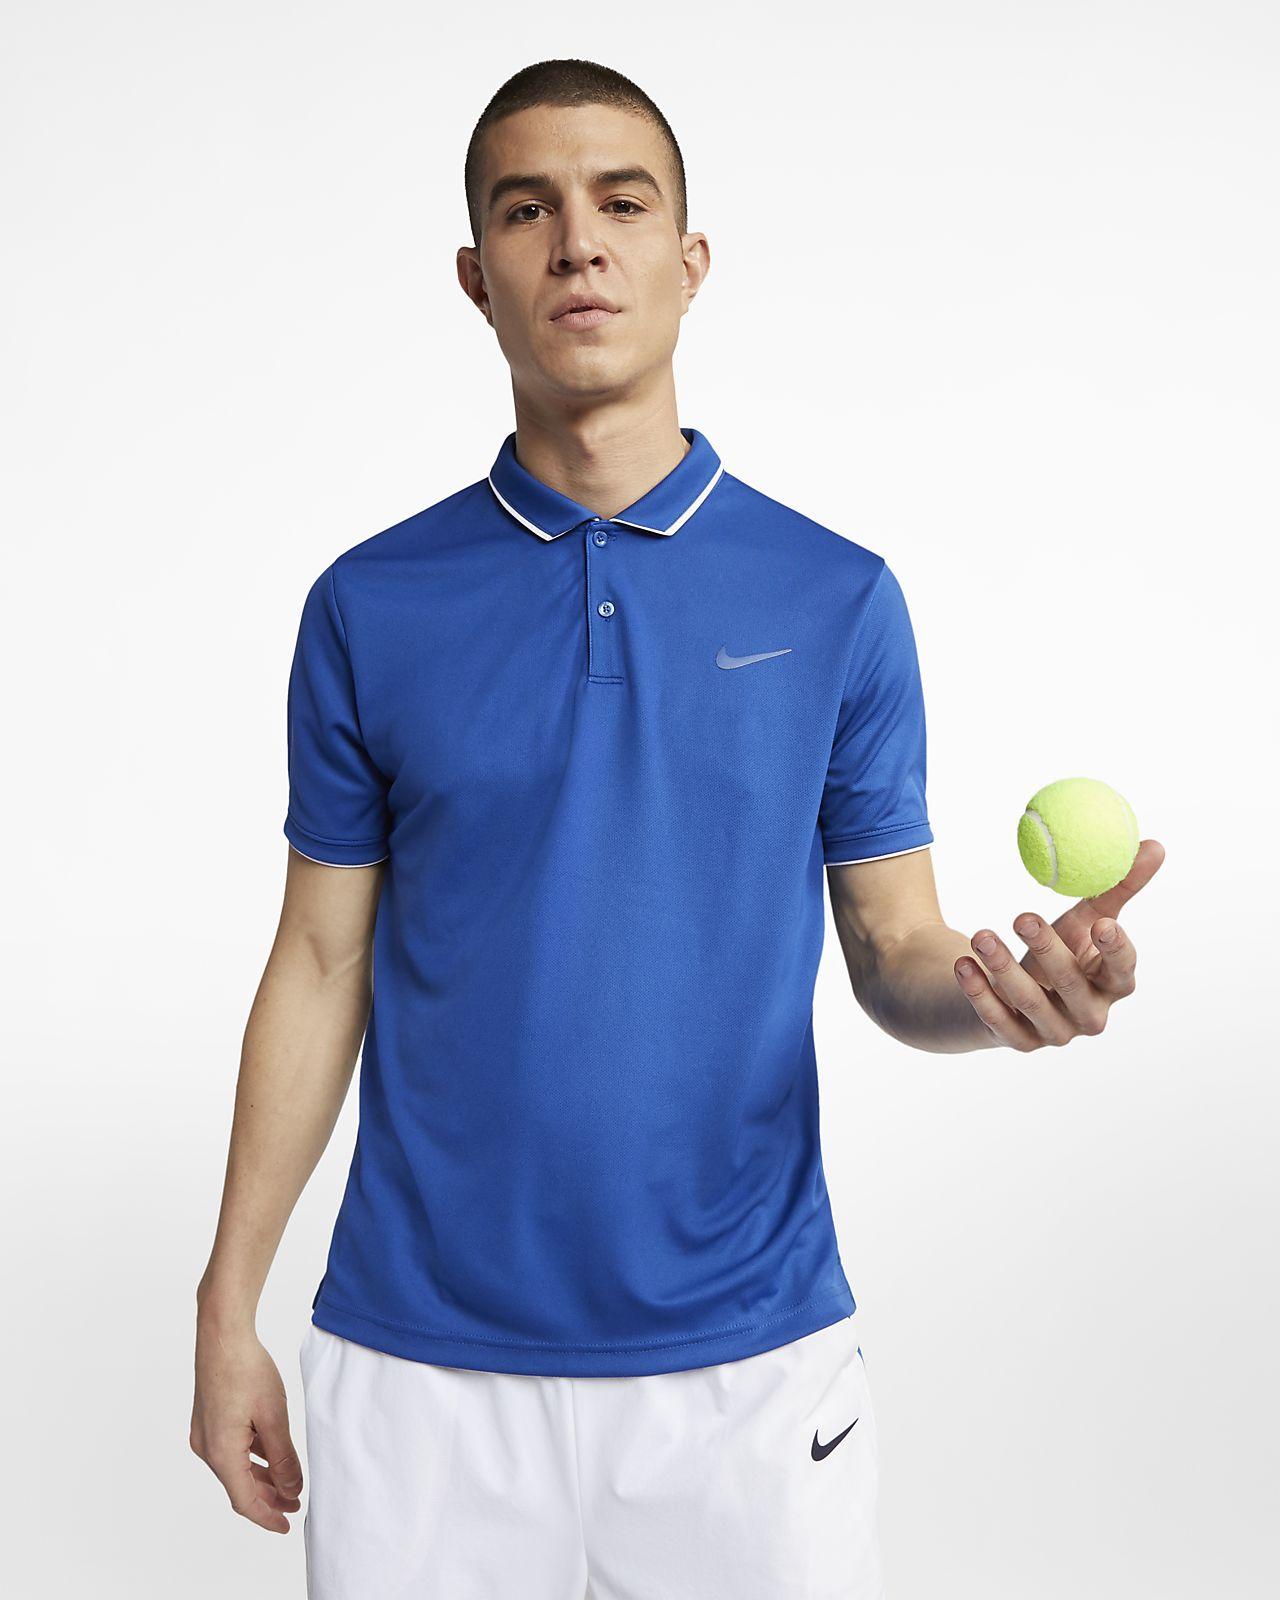 เสื้อโปโลเทนนิสผู้ชาย NikeCourt Dri-FIT Team